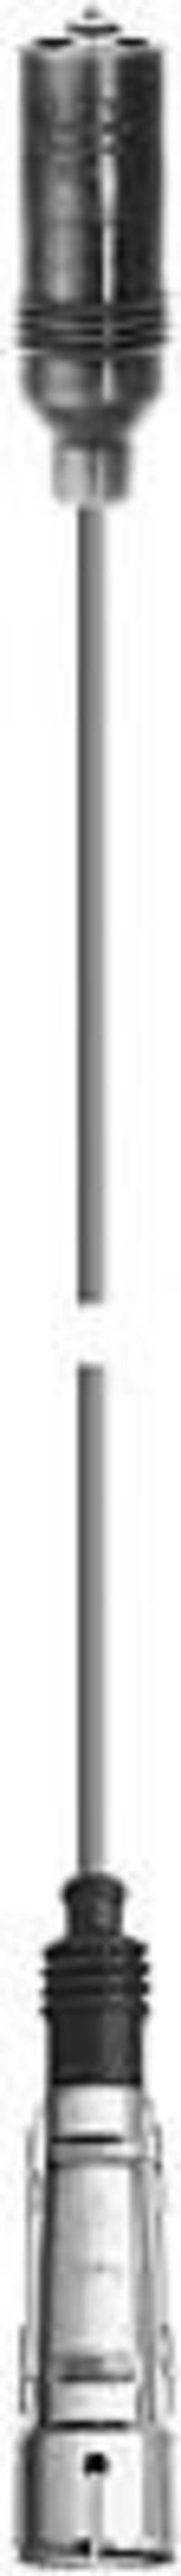 Провод высоковольтный BERU VA 115 C